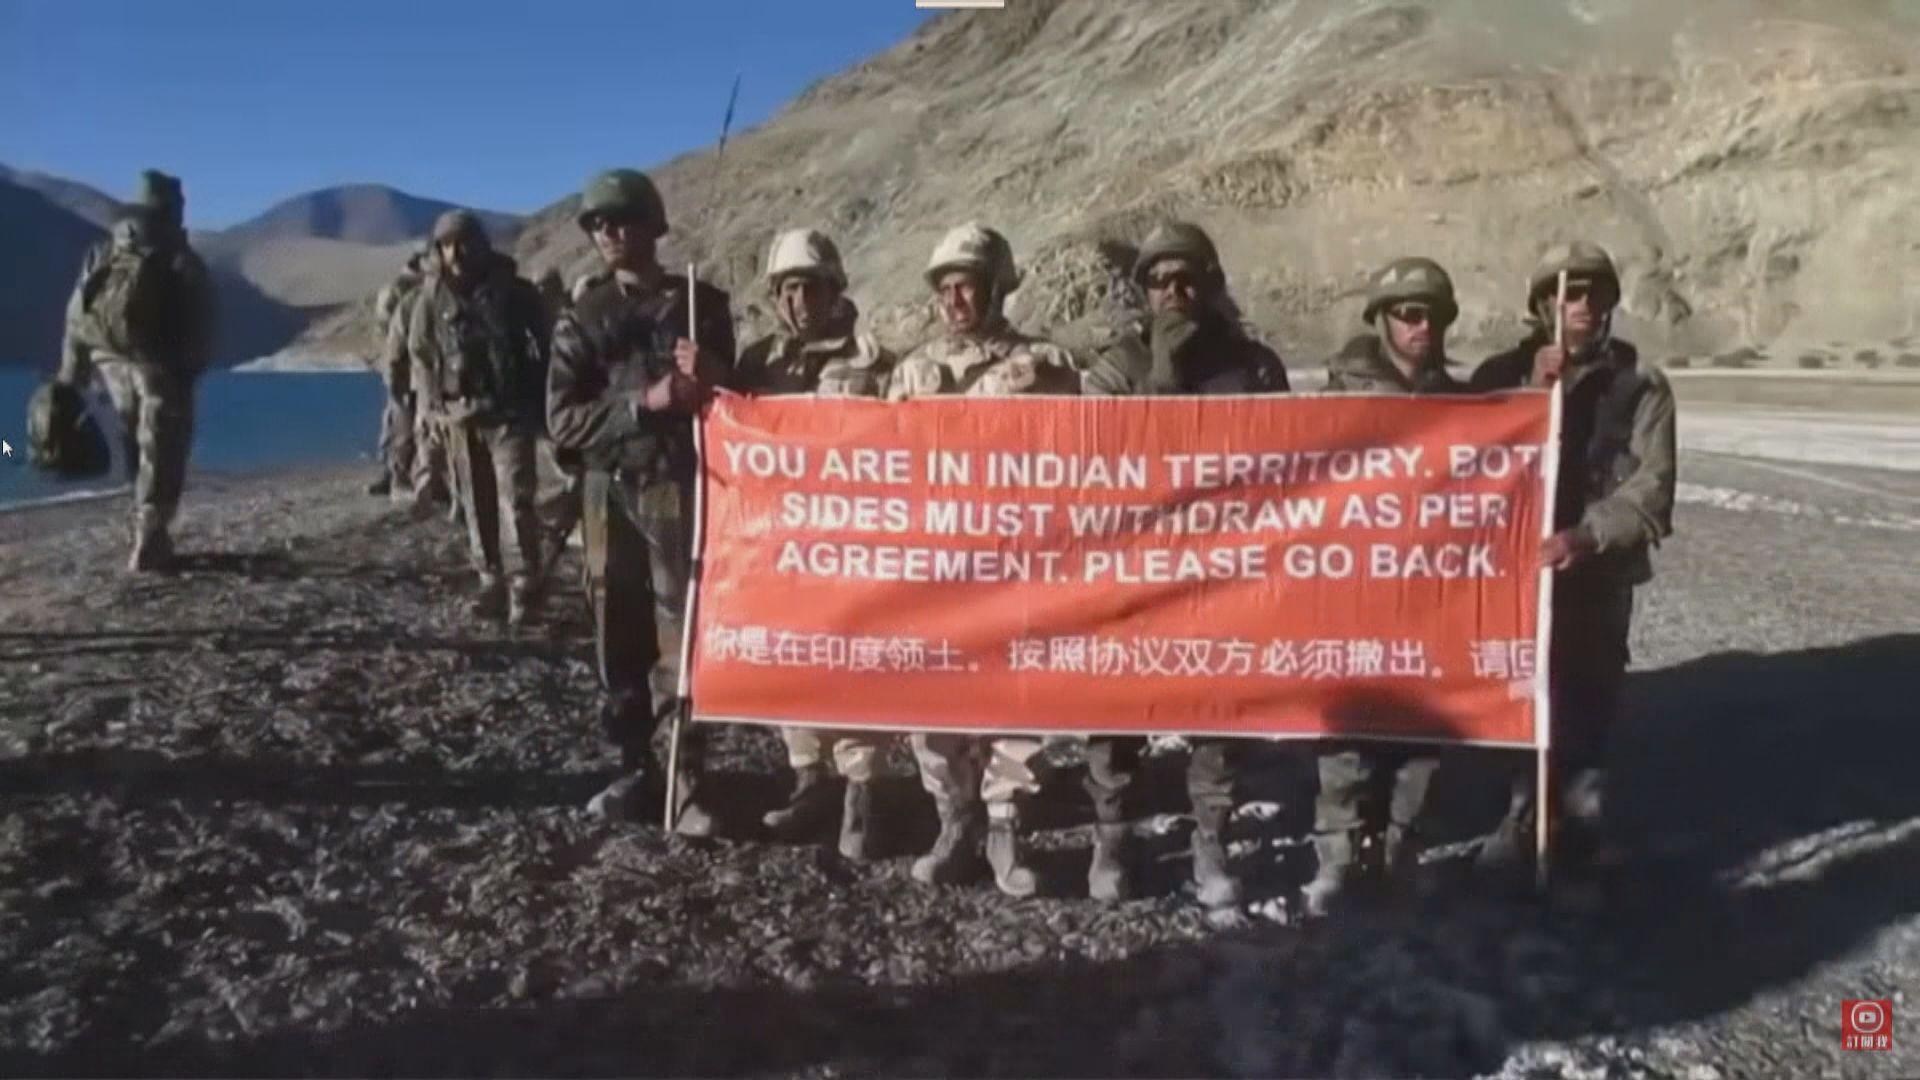 印度指北京藉不丹邊境爭議向新德里施壓